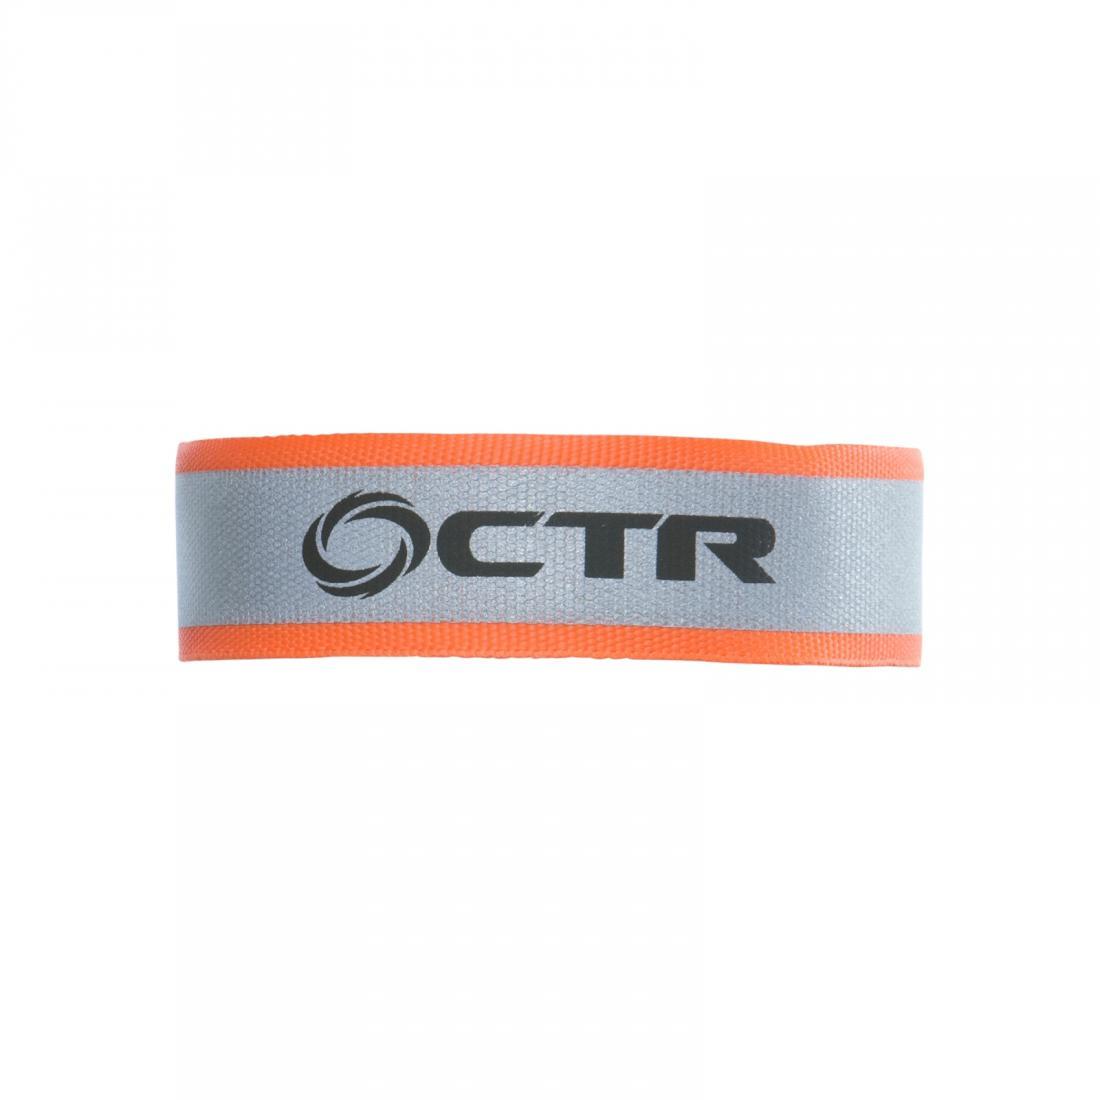 Полоска Chaos  CTR SLAP BANDАксессуары<br><br>Простая, удобная в использовании, светоотражающая полоса (видимость с 200футов (0,6км)). Может одеваться на лодыжку, на запястье или на рюкзак. Идеально подходит для всех видов спорта в условиях ограниченной видимости.<br><br>Состав: 85% полиэст...<br><br>Цвет: Серый<br>Размер: None